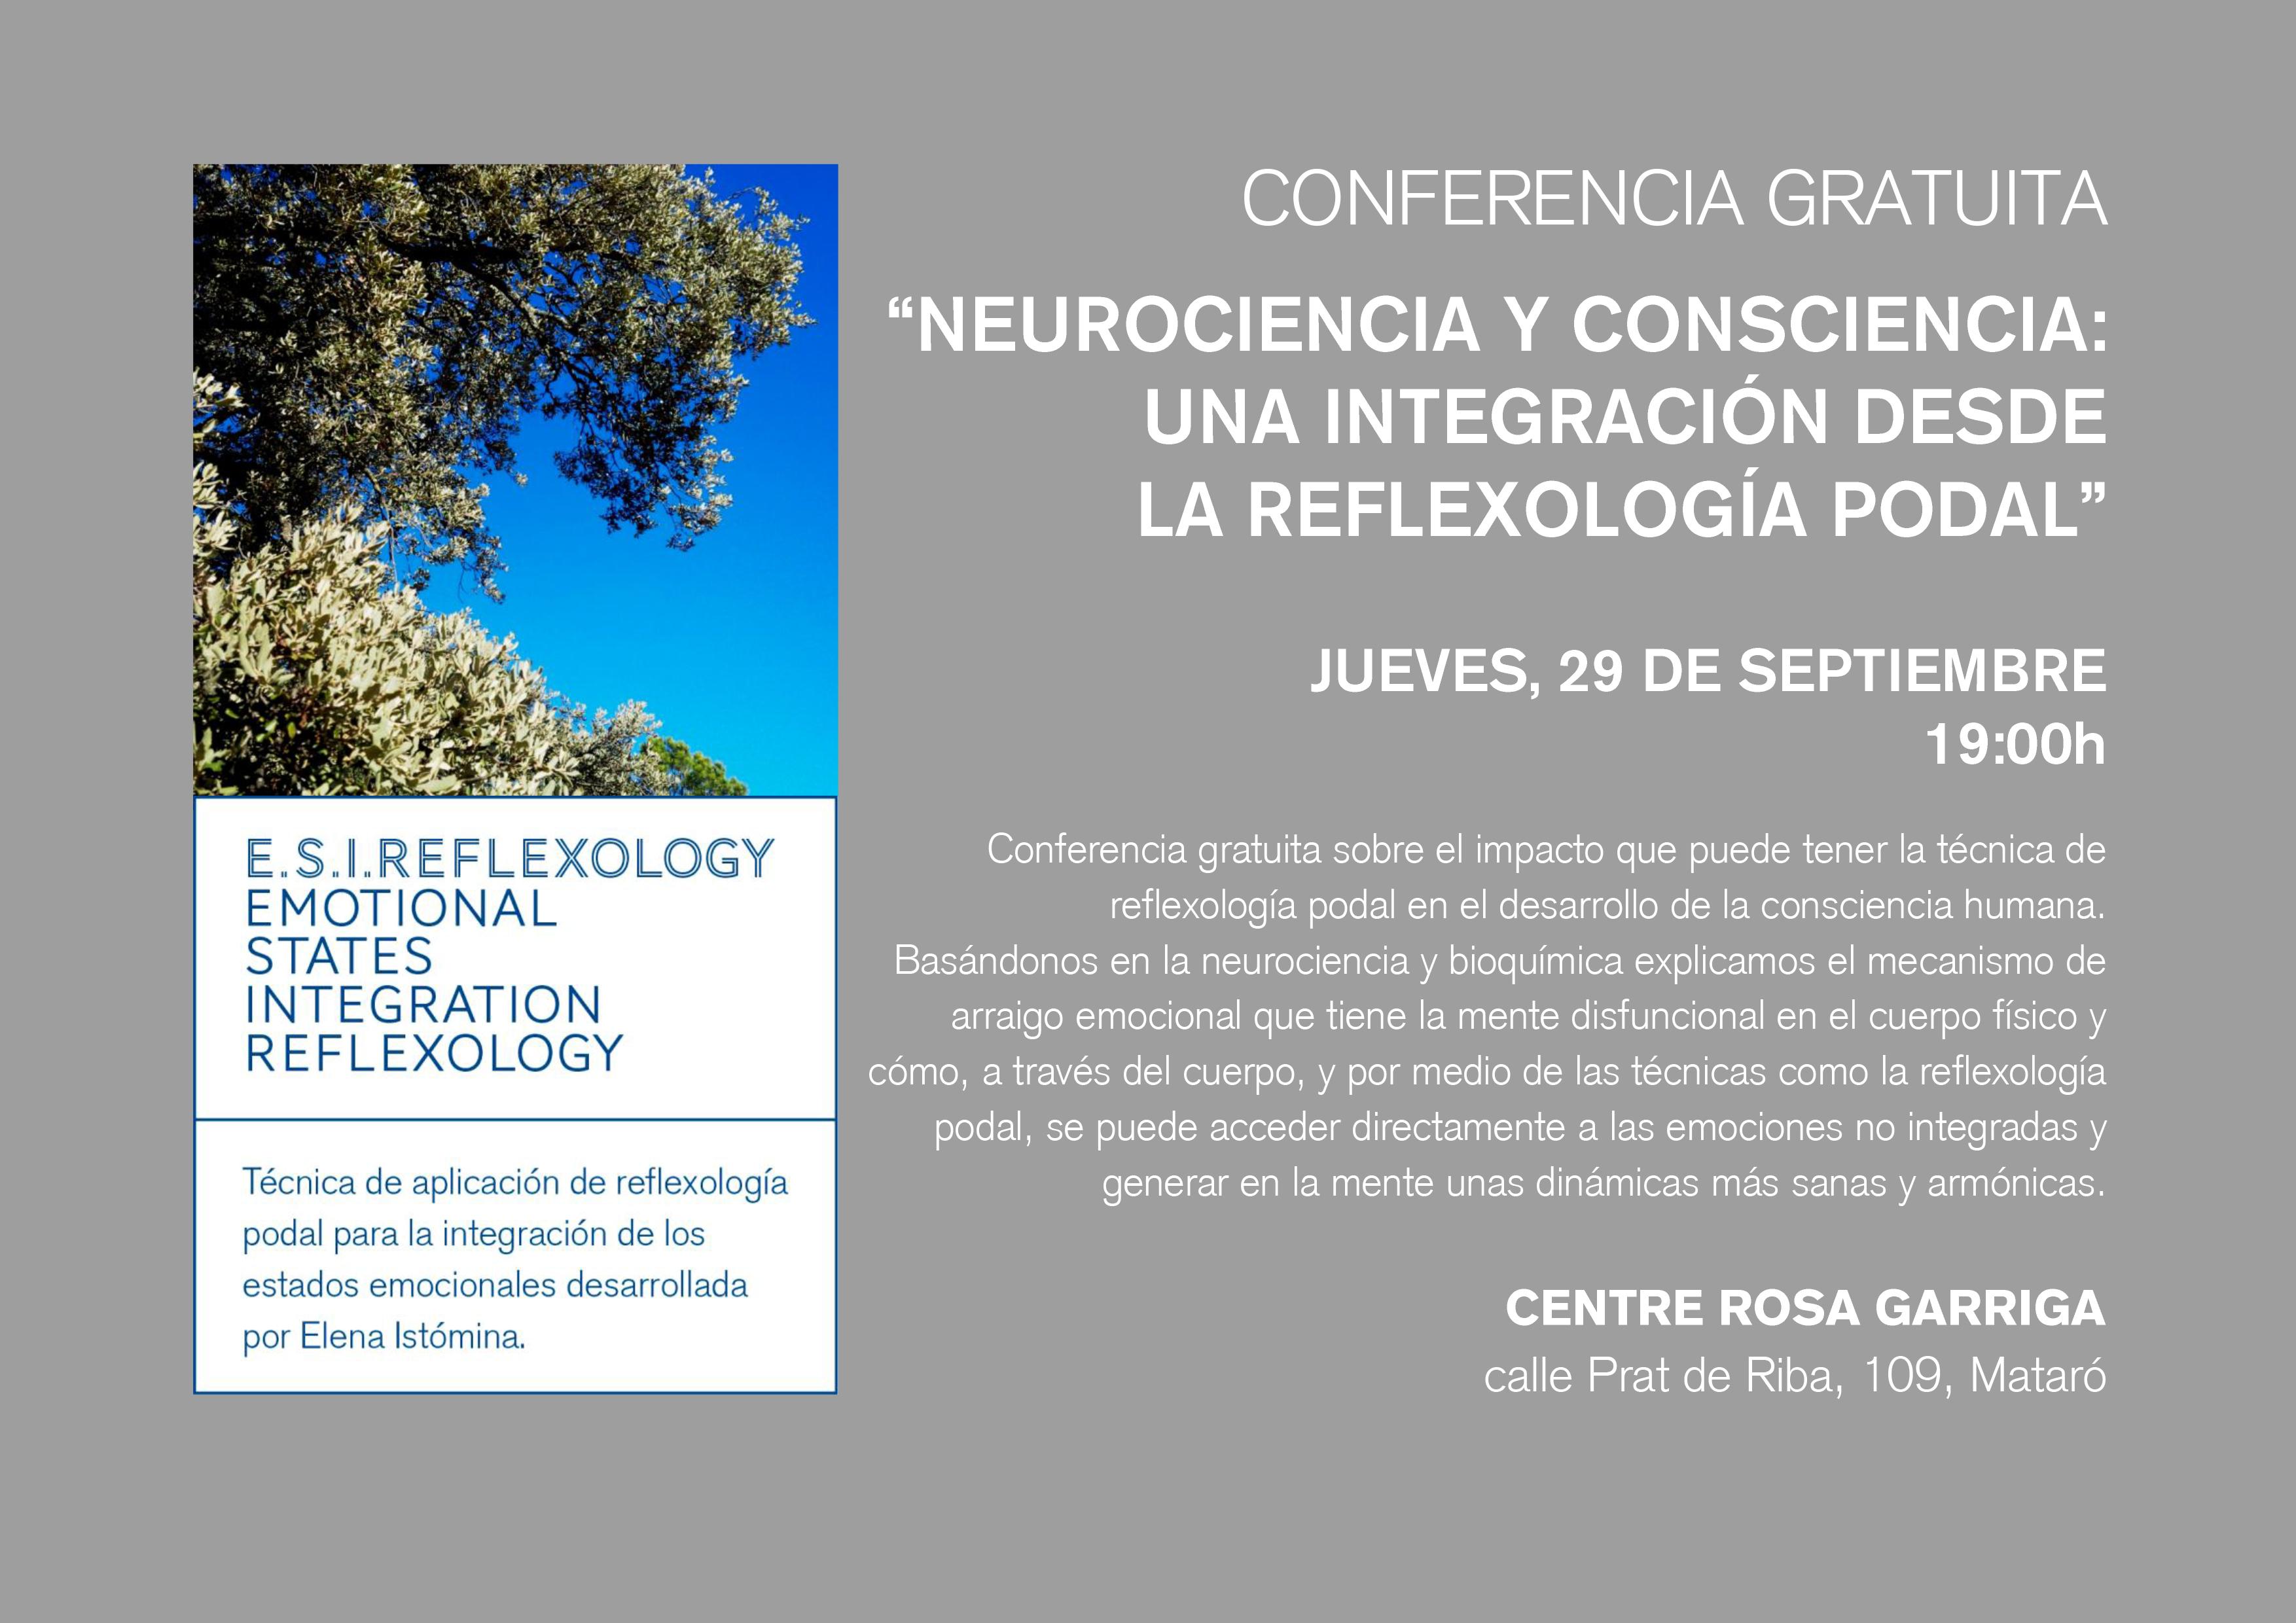 cartel-conferencia-gratuita-septiembre